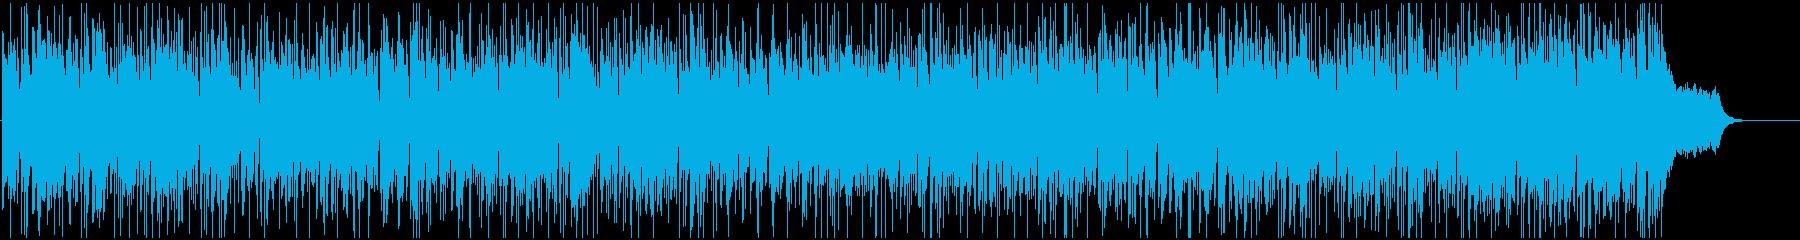 ドラムが軽快で活動的なBGMの再生済みの波形